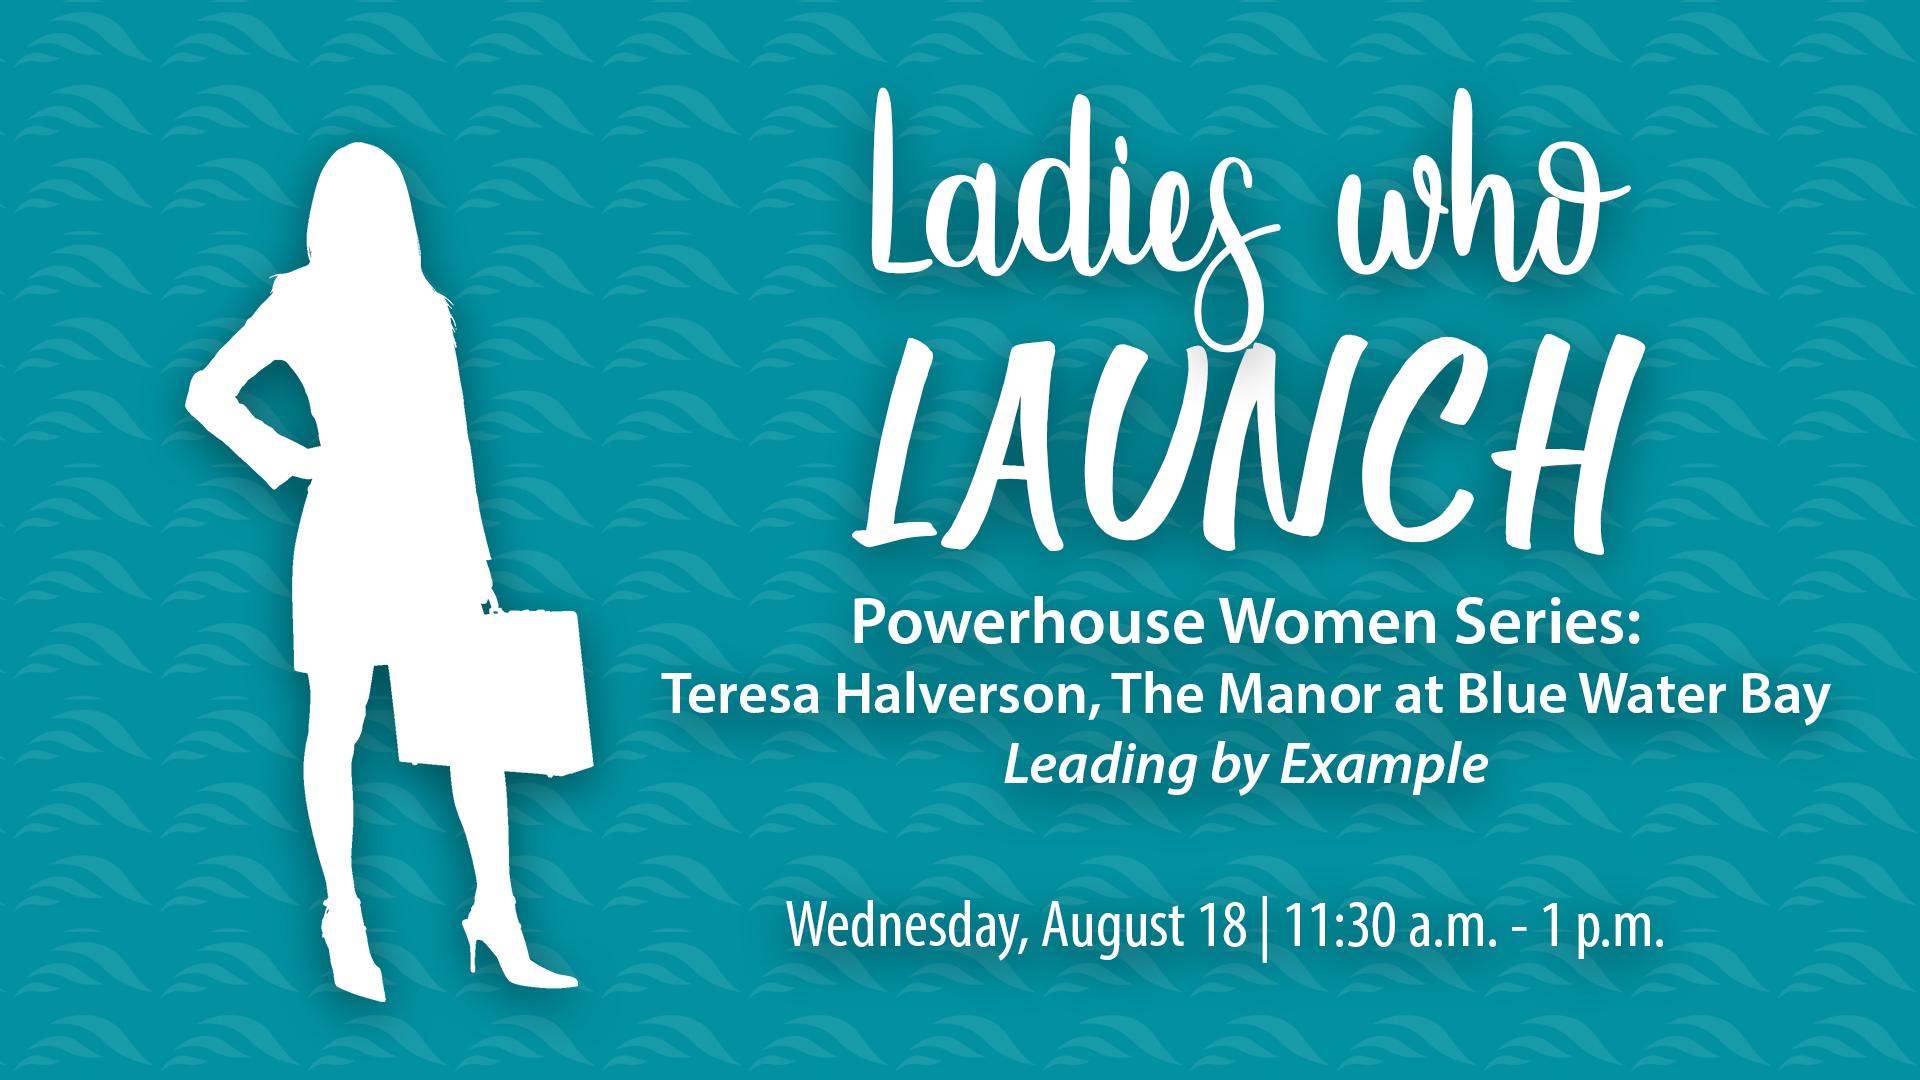 Ladies Who Launch Teresa Halverson